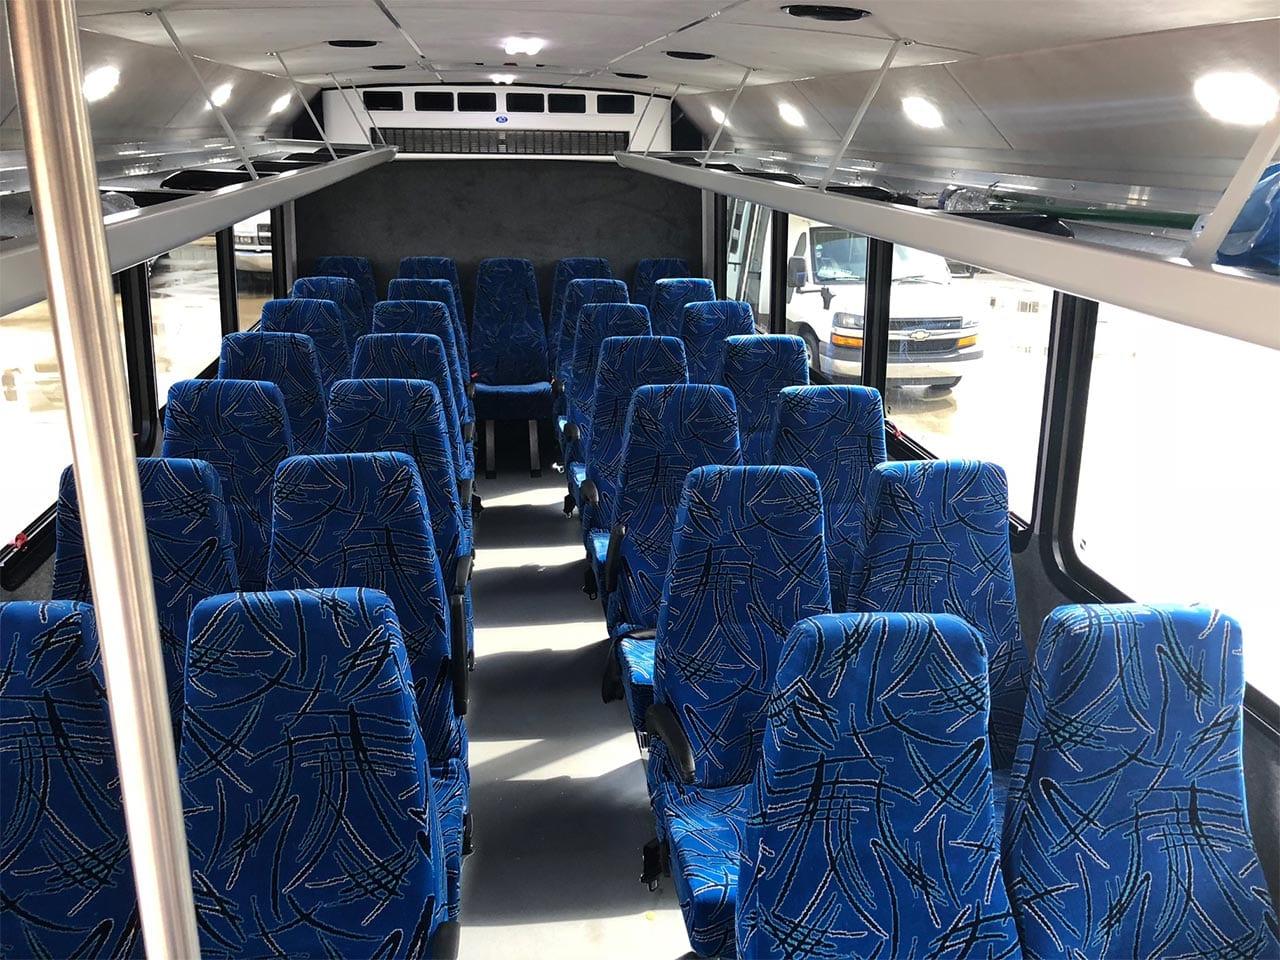 29 passenger minibus seats